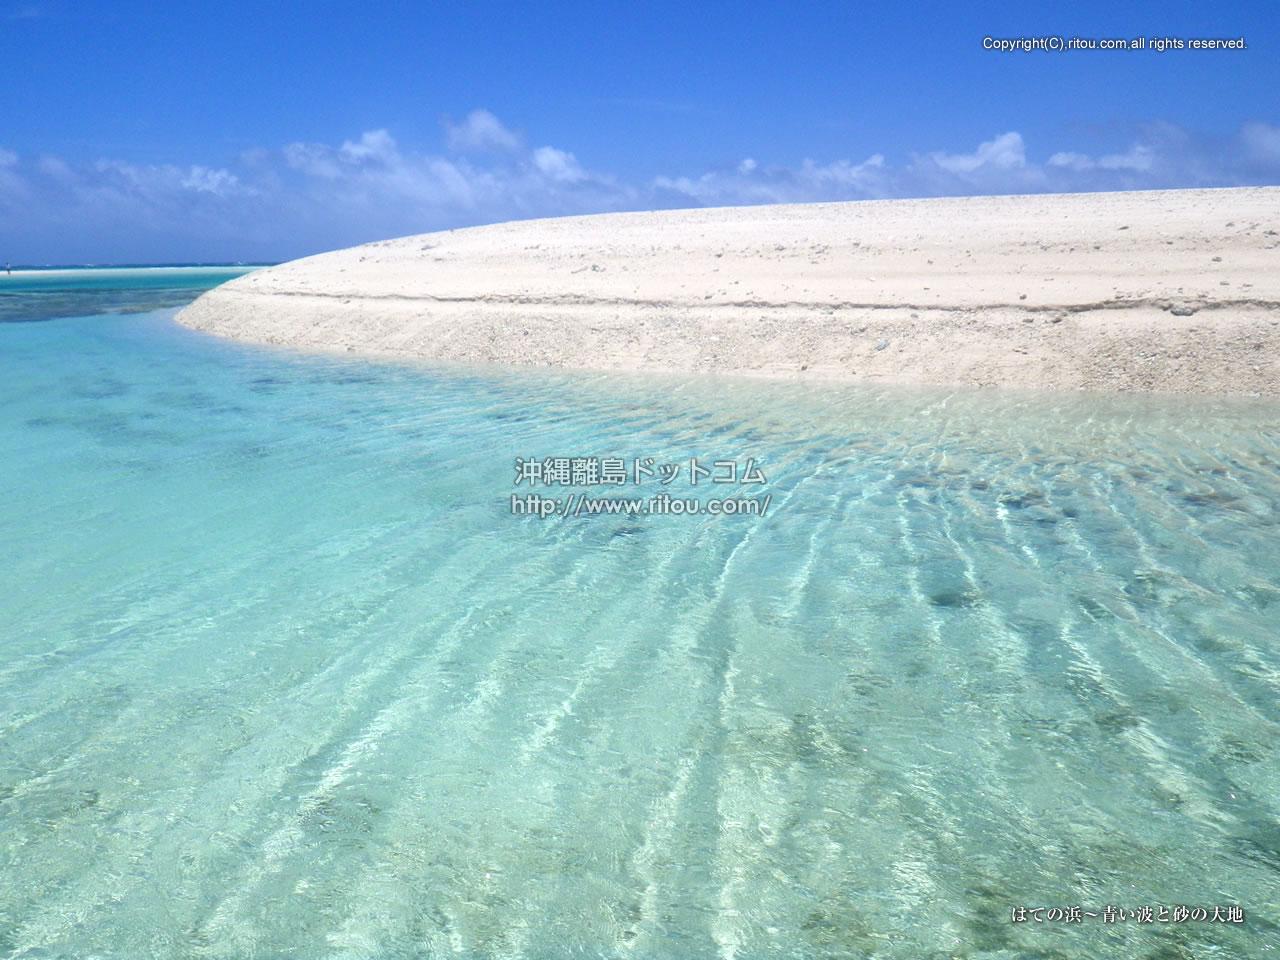 はての浜〜青い波と砂の大地